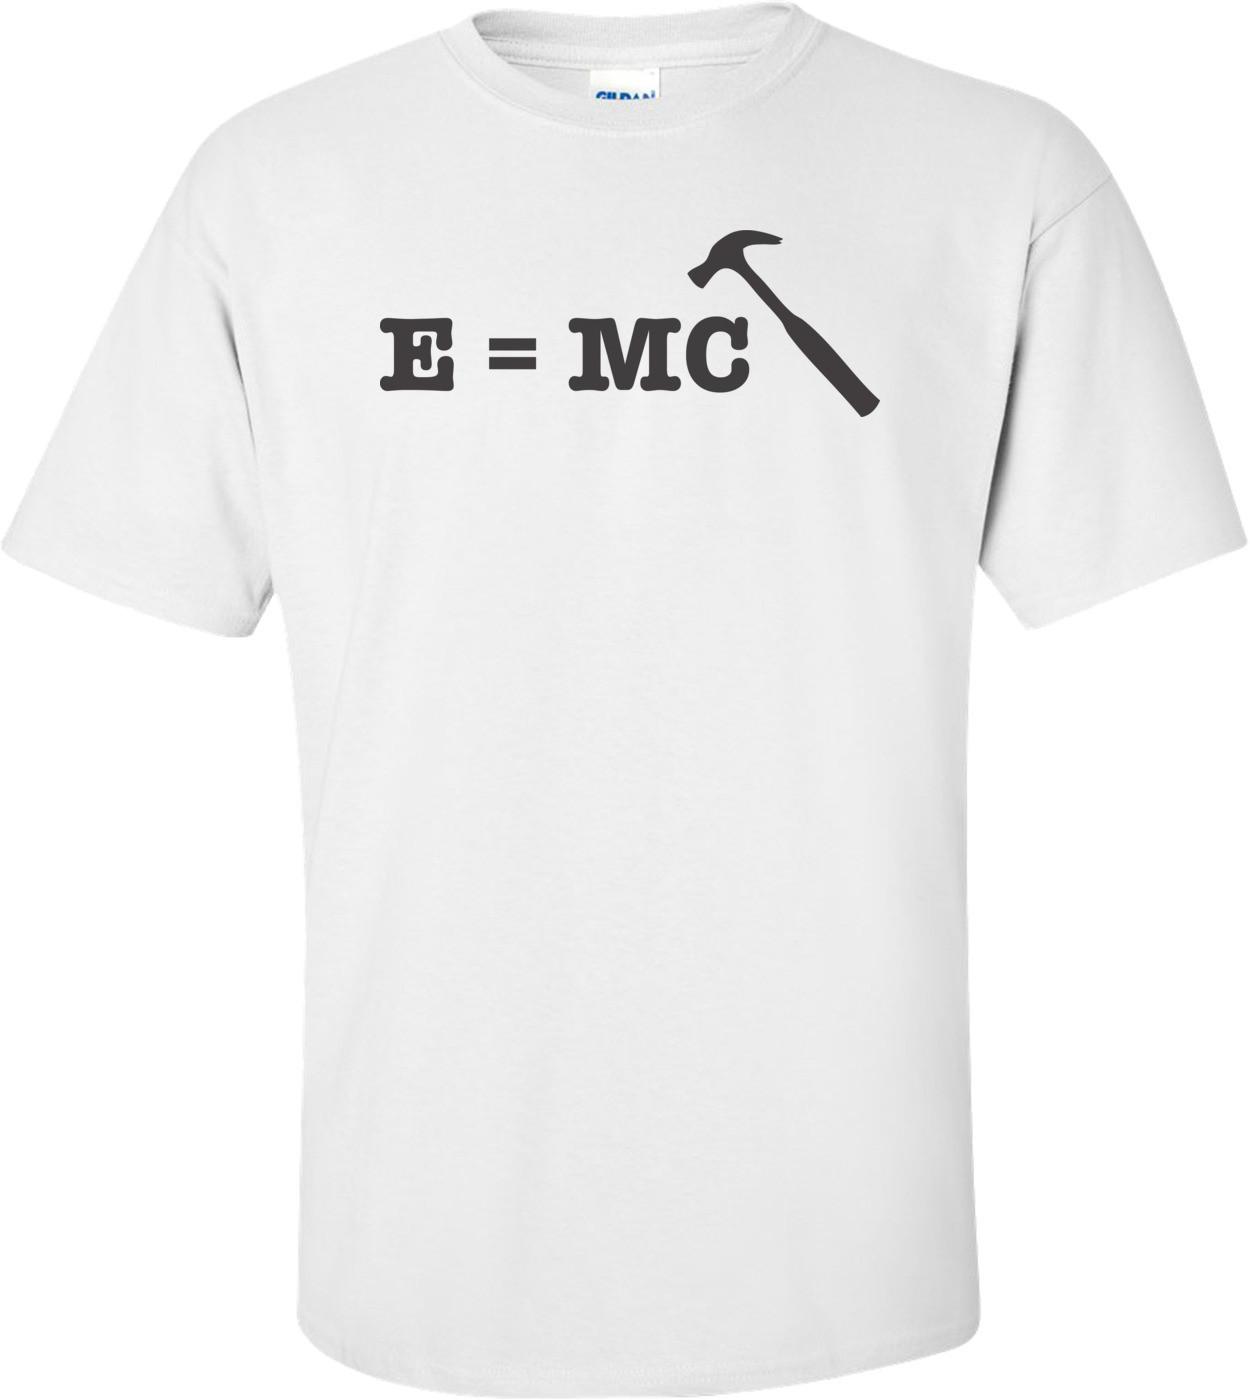 E=mc Hammer T-shirt